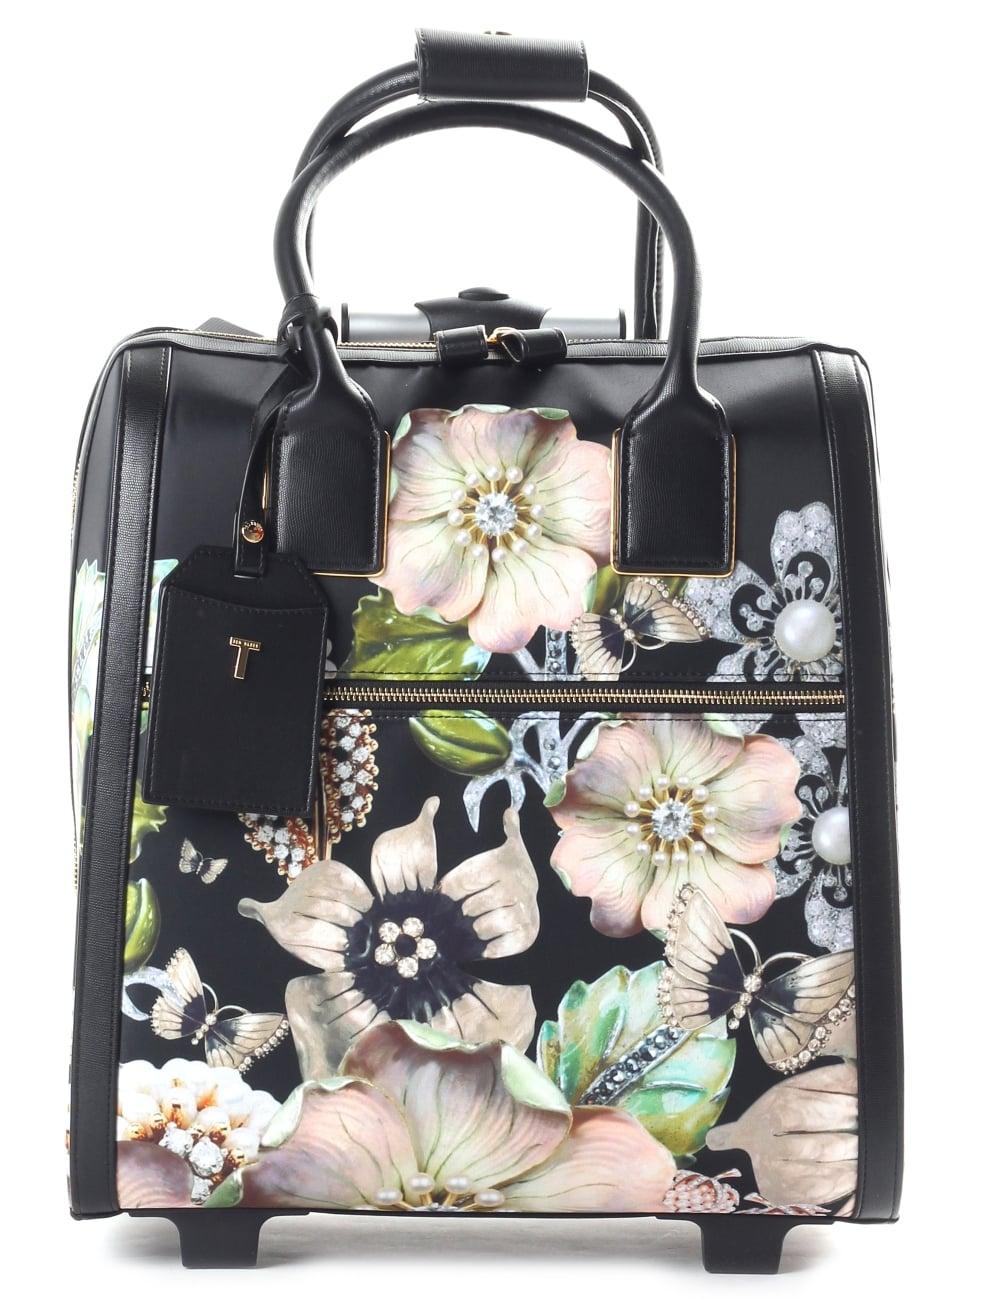 bb9a0084a06fe6 Ted Baker Women s Inez Gem Gardens Travel Bag